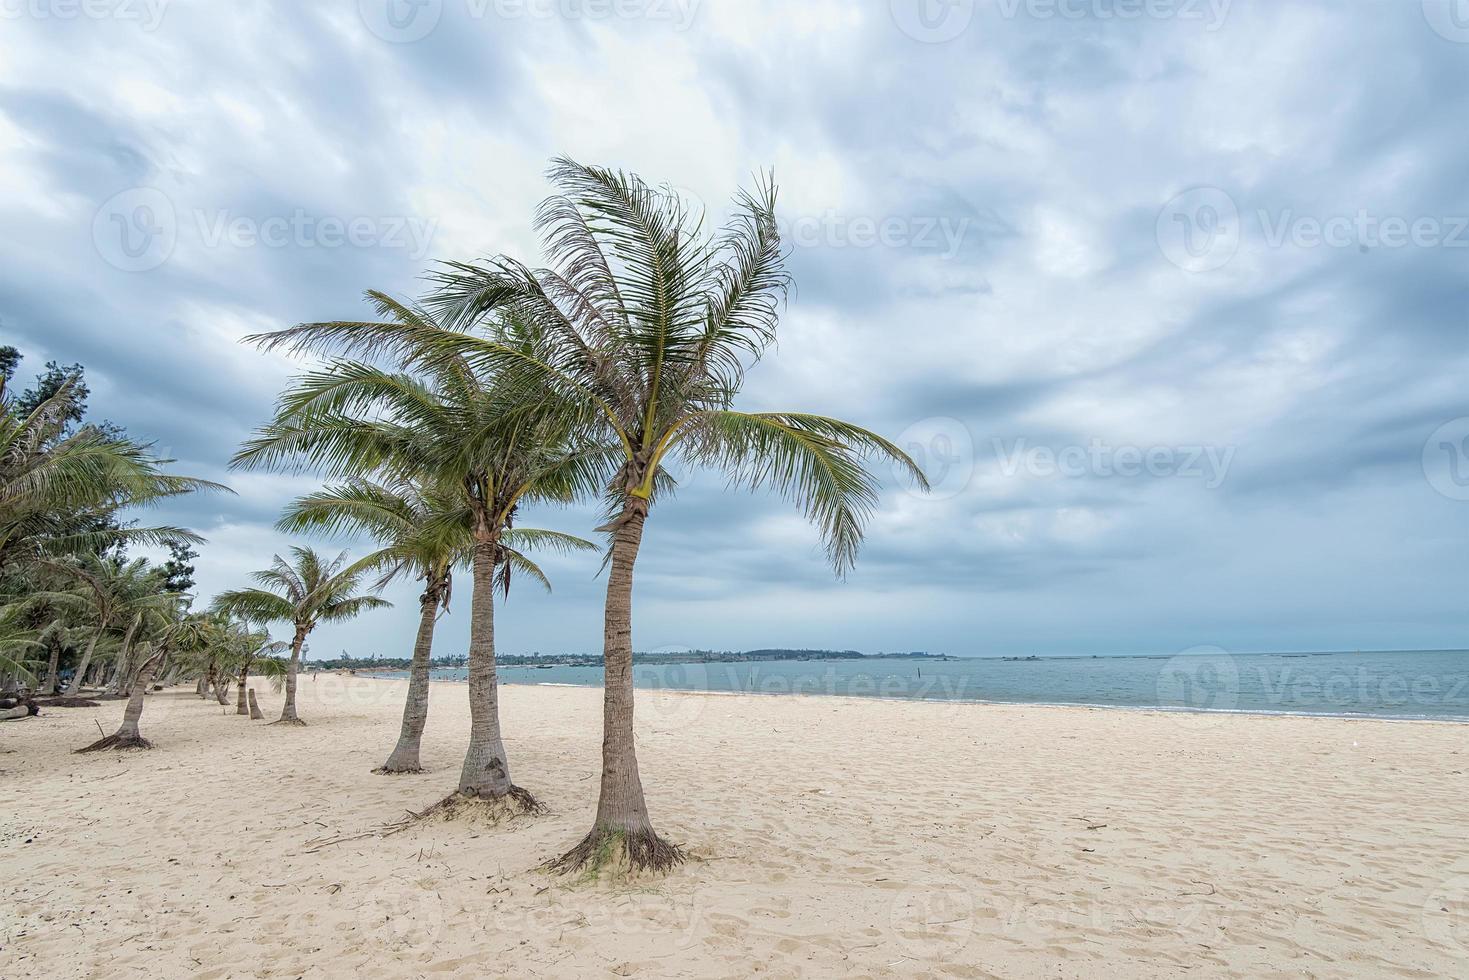 plage bordée de palmiers photo